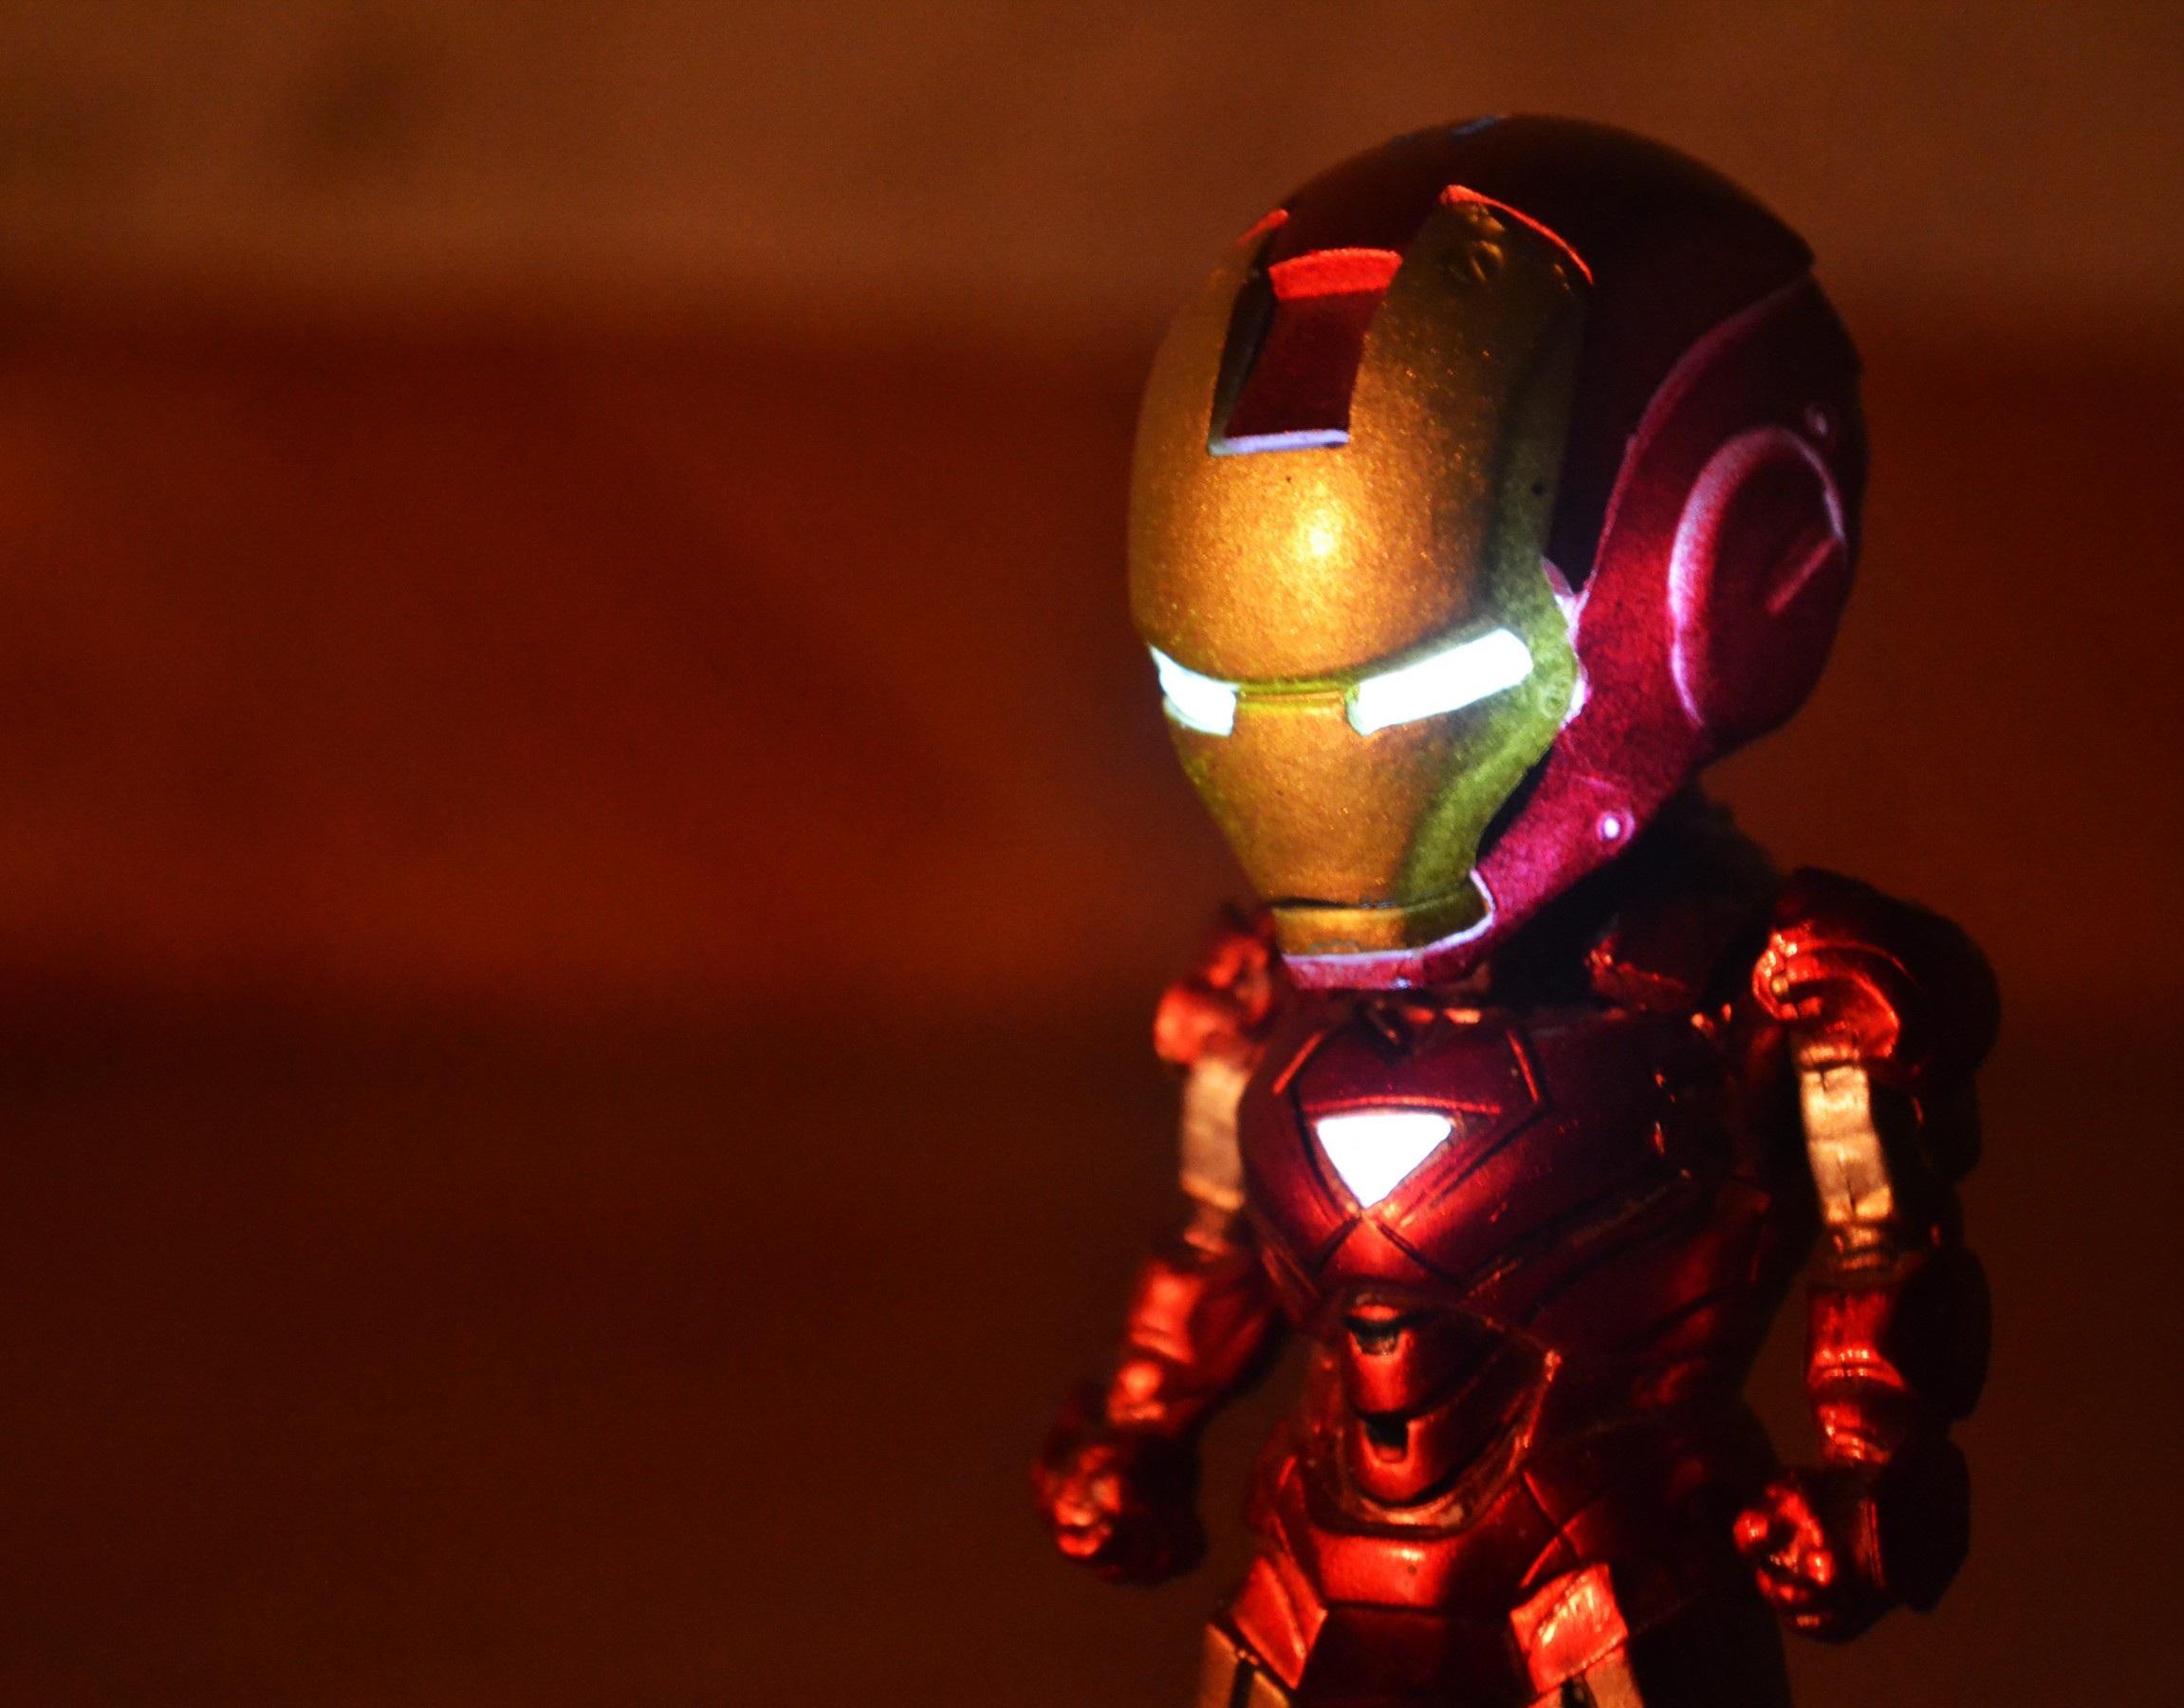 uomo di ferro, supereroe, Iron Man, futuristico, film - Sfondi HD - Professor-falken.com